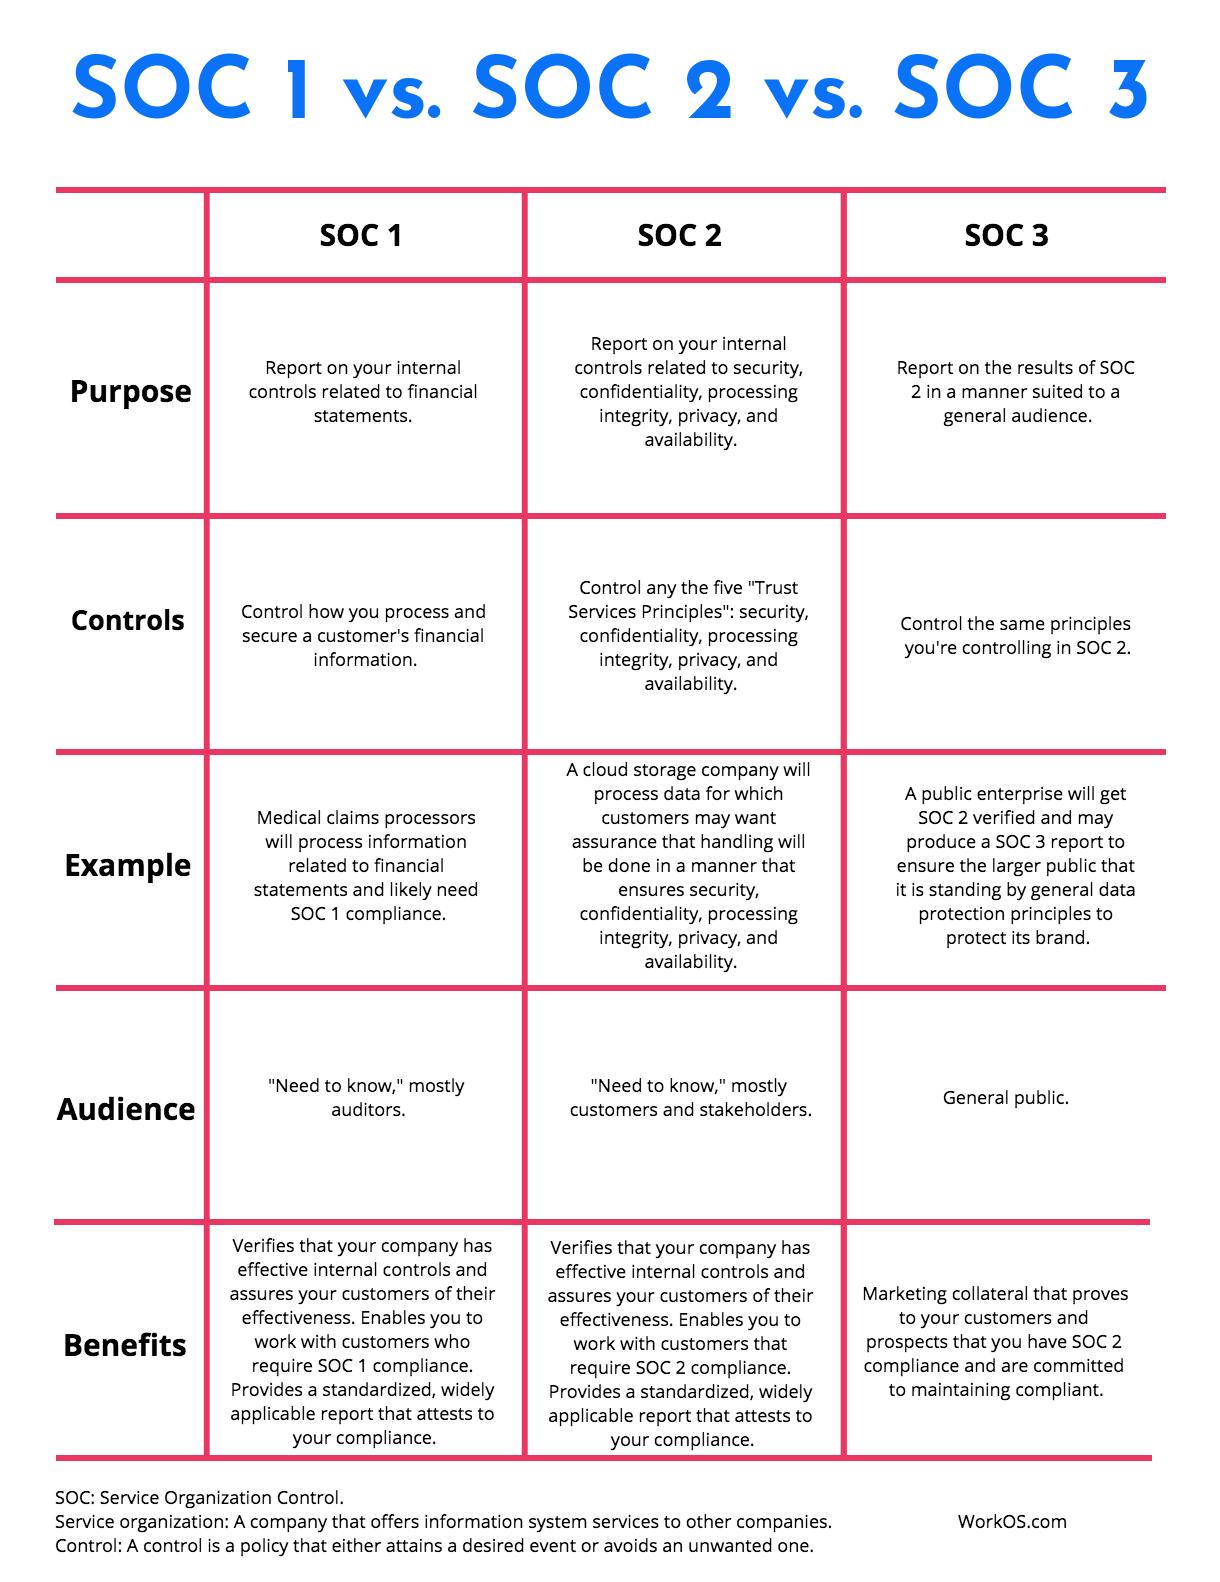 SOC 1 vs. SOC 2 vs. SOC 3 compliance chart